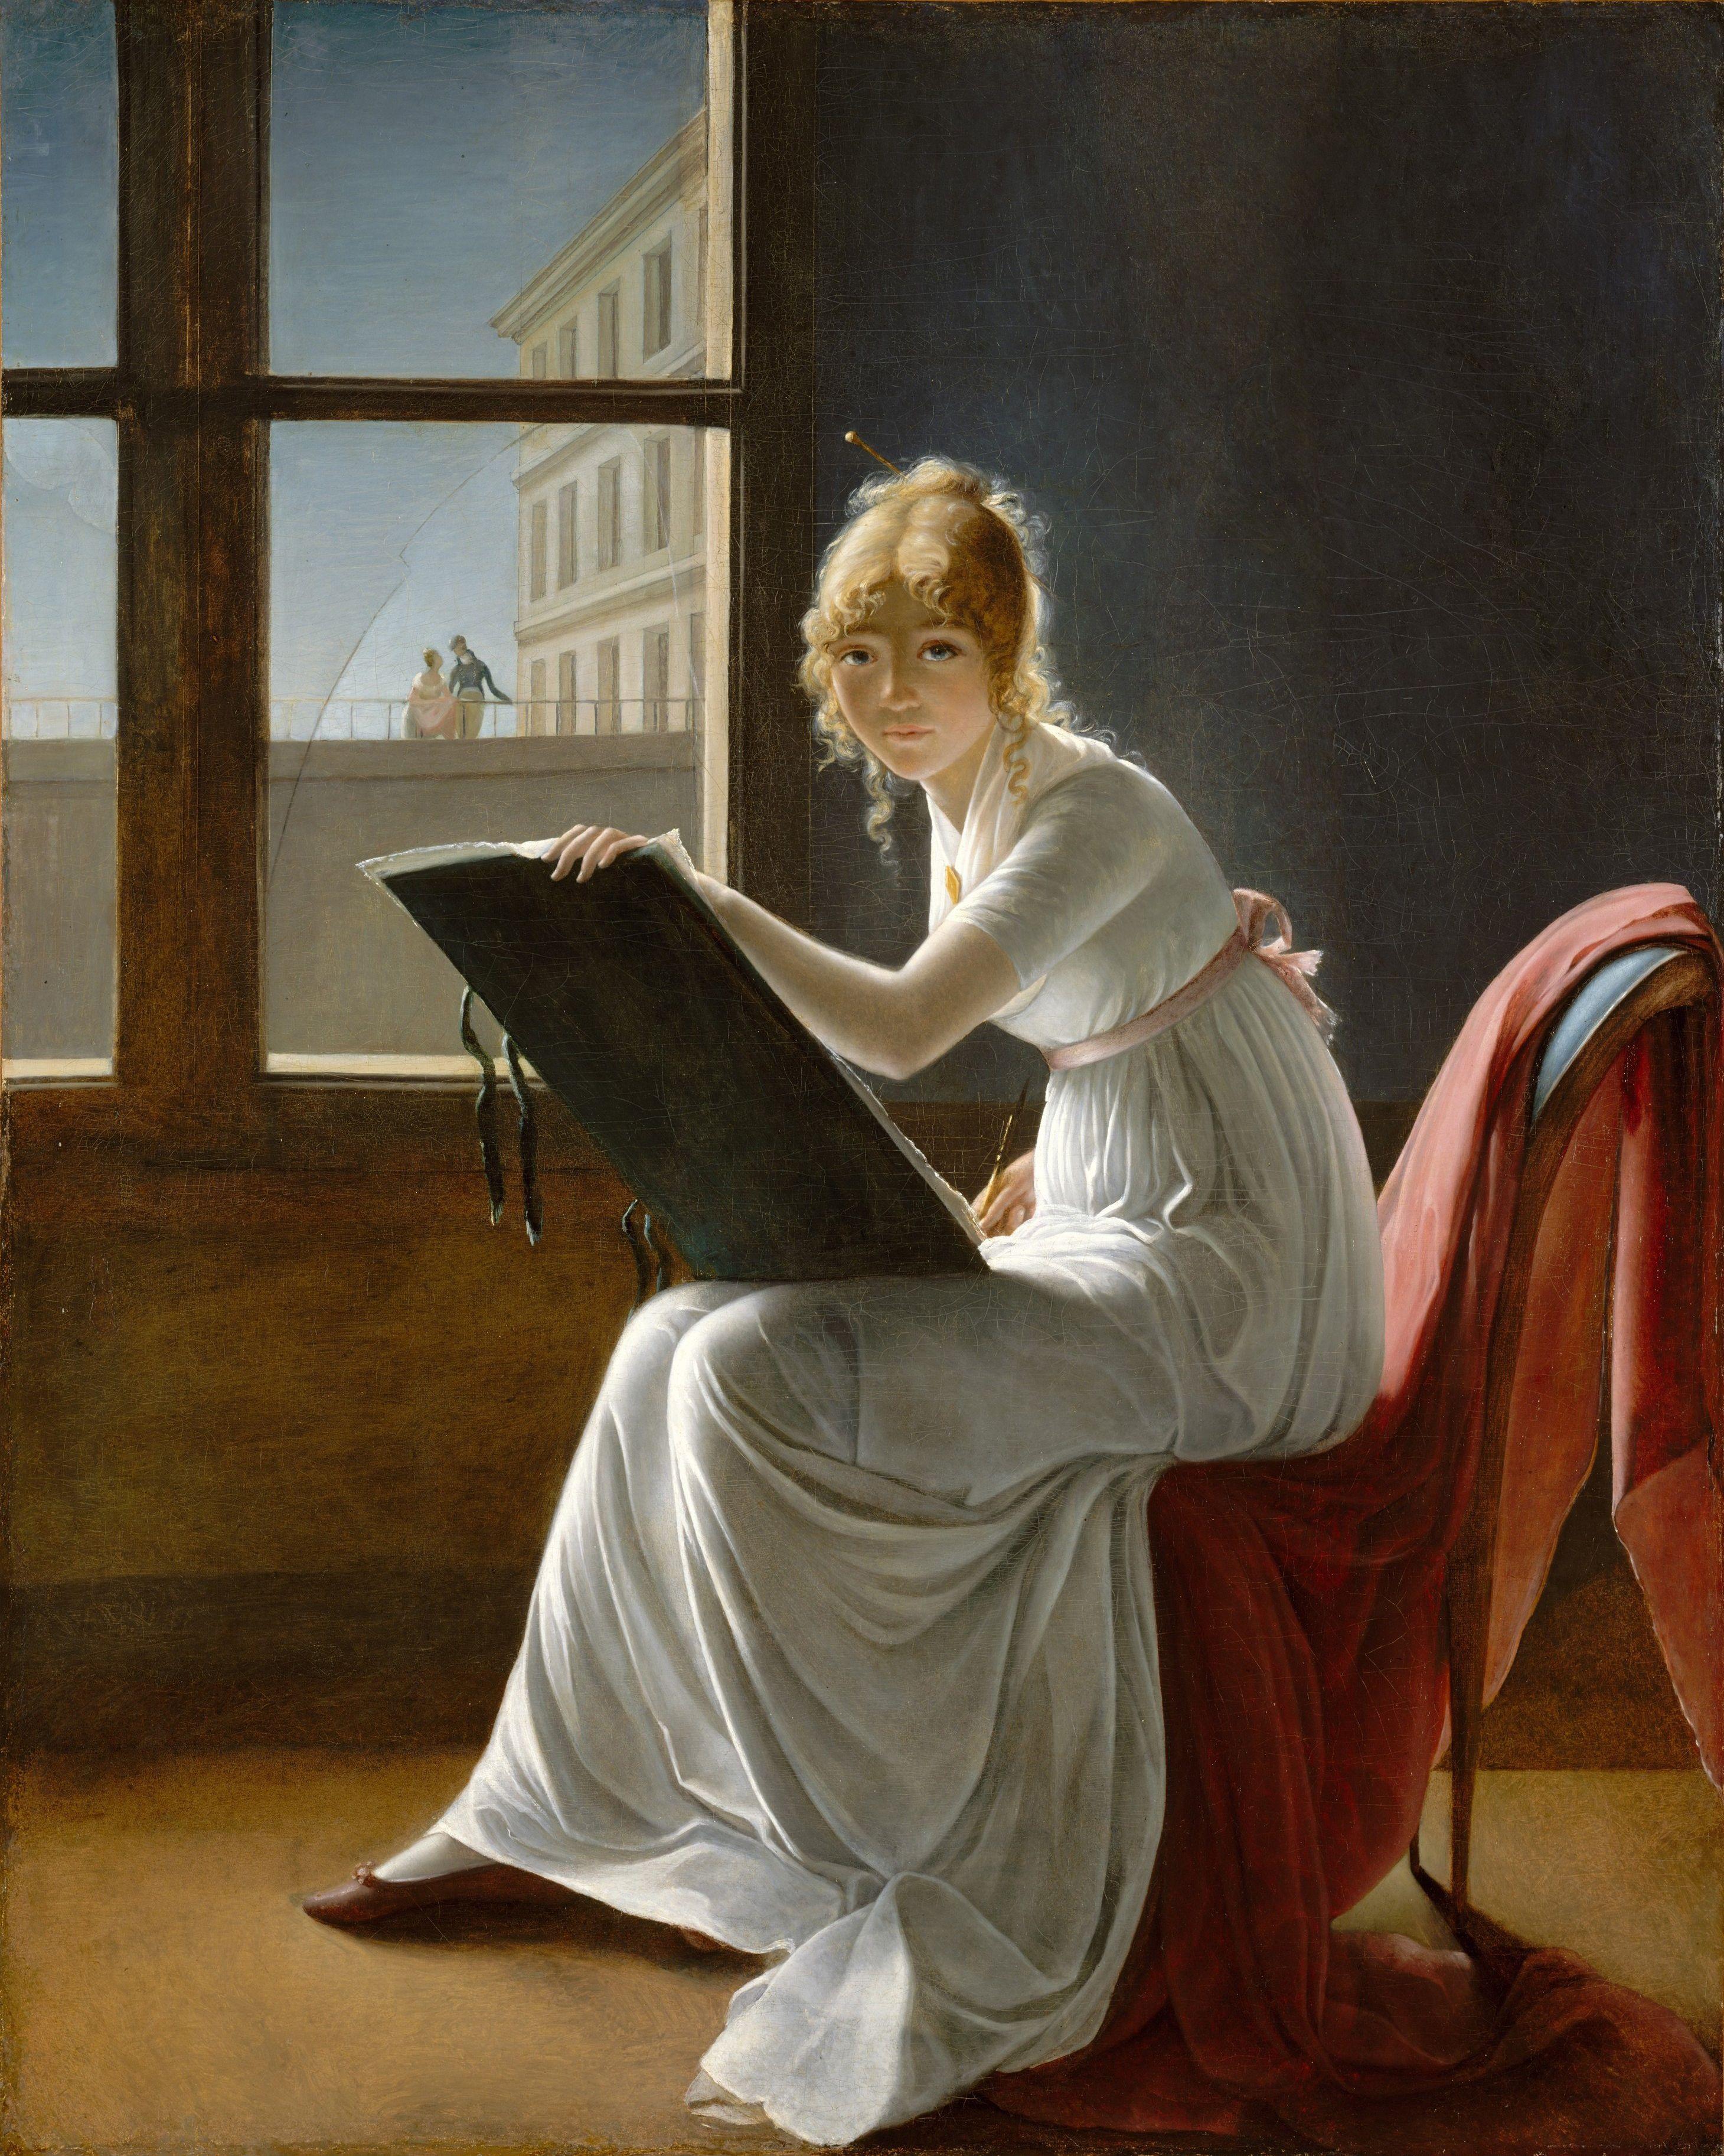 relatos desde la Edad Media obra de Peter Paul Rubens - Buscar con Google